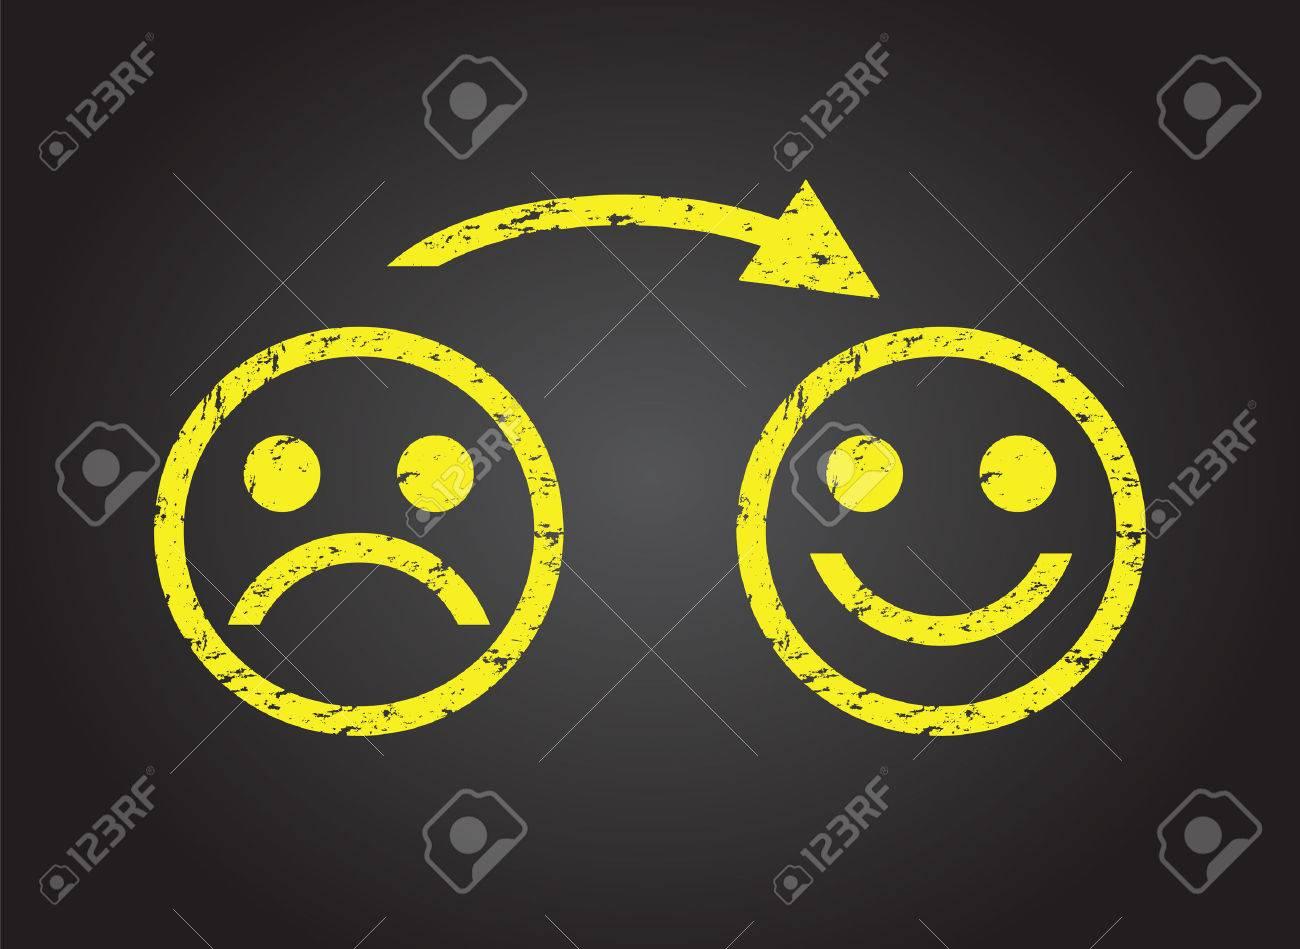 visage triste d'un visage heureux Banque d'images - 35523511